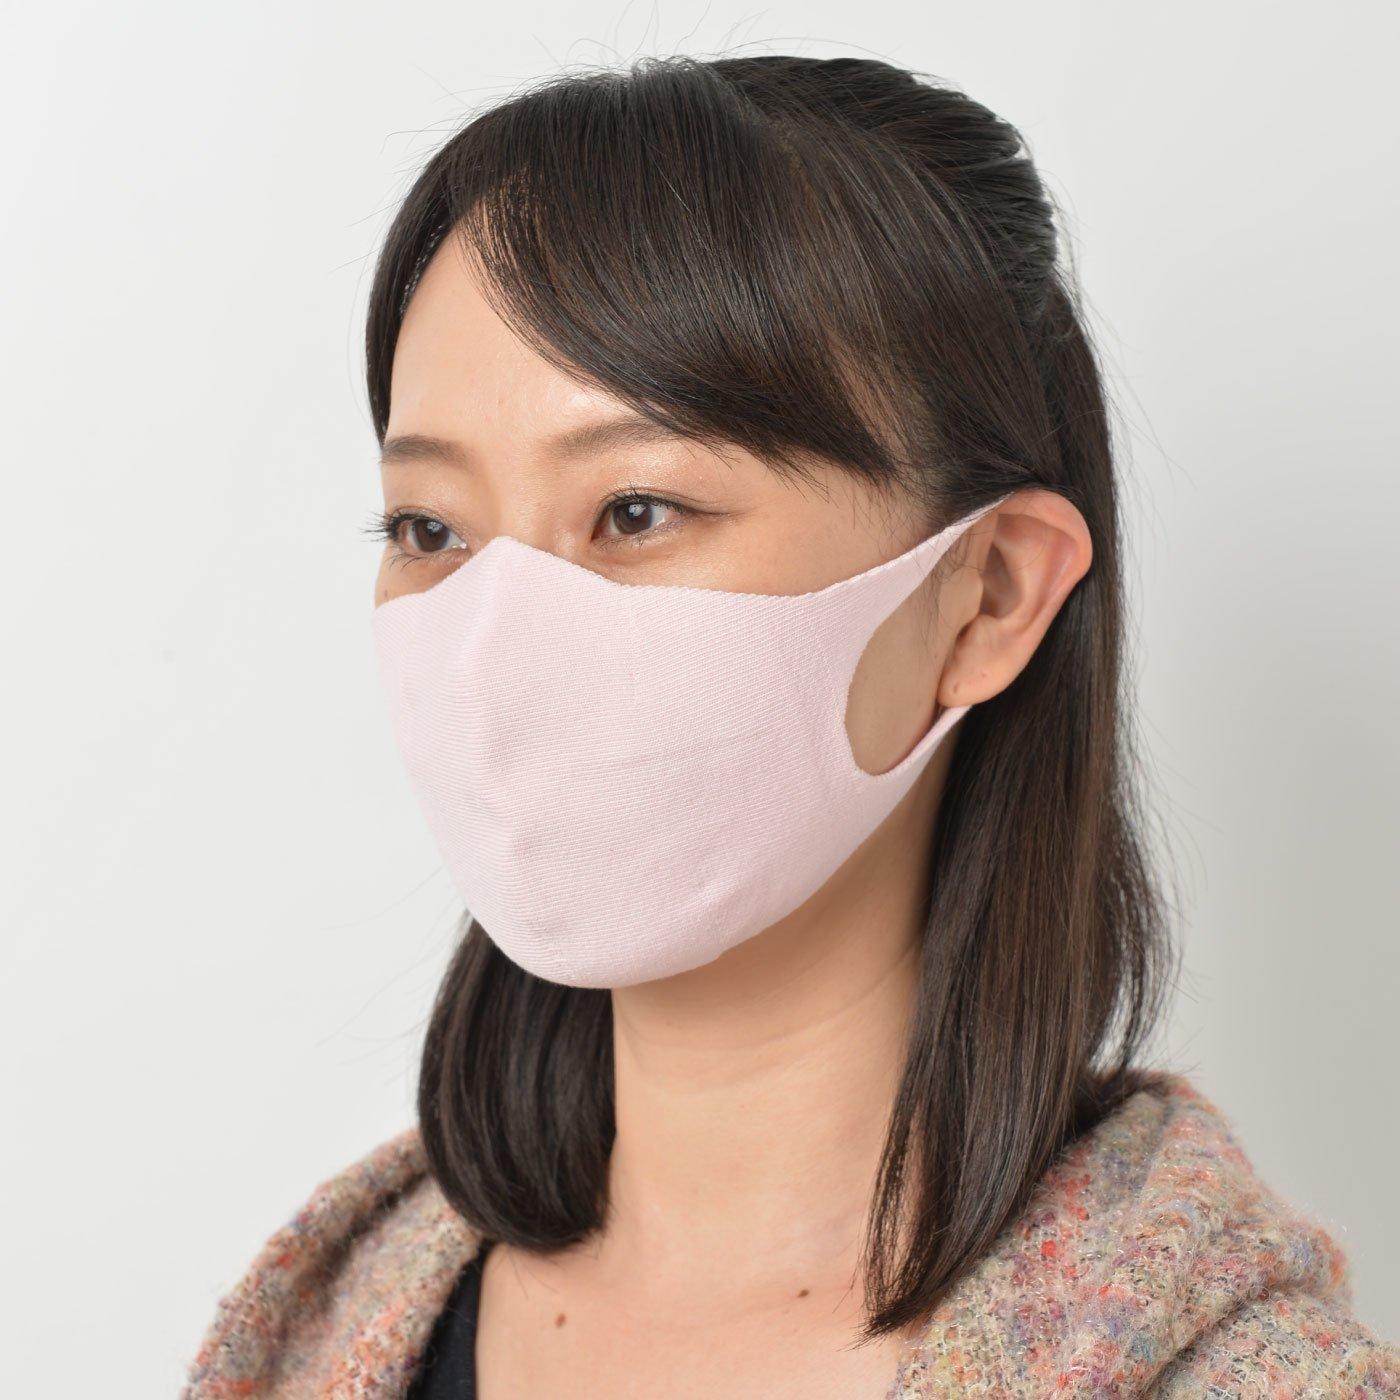 特殊編みニットでやわらかフィット 洗えるマスクの会